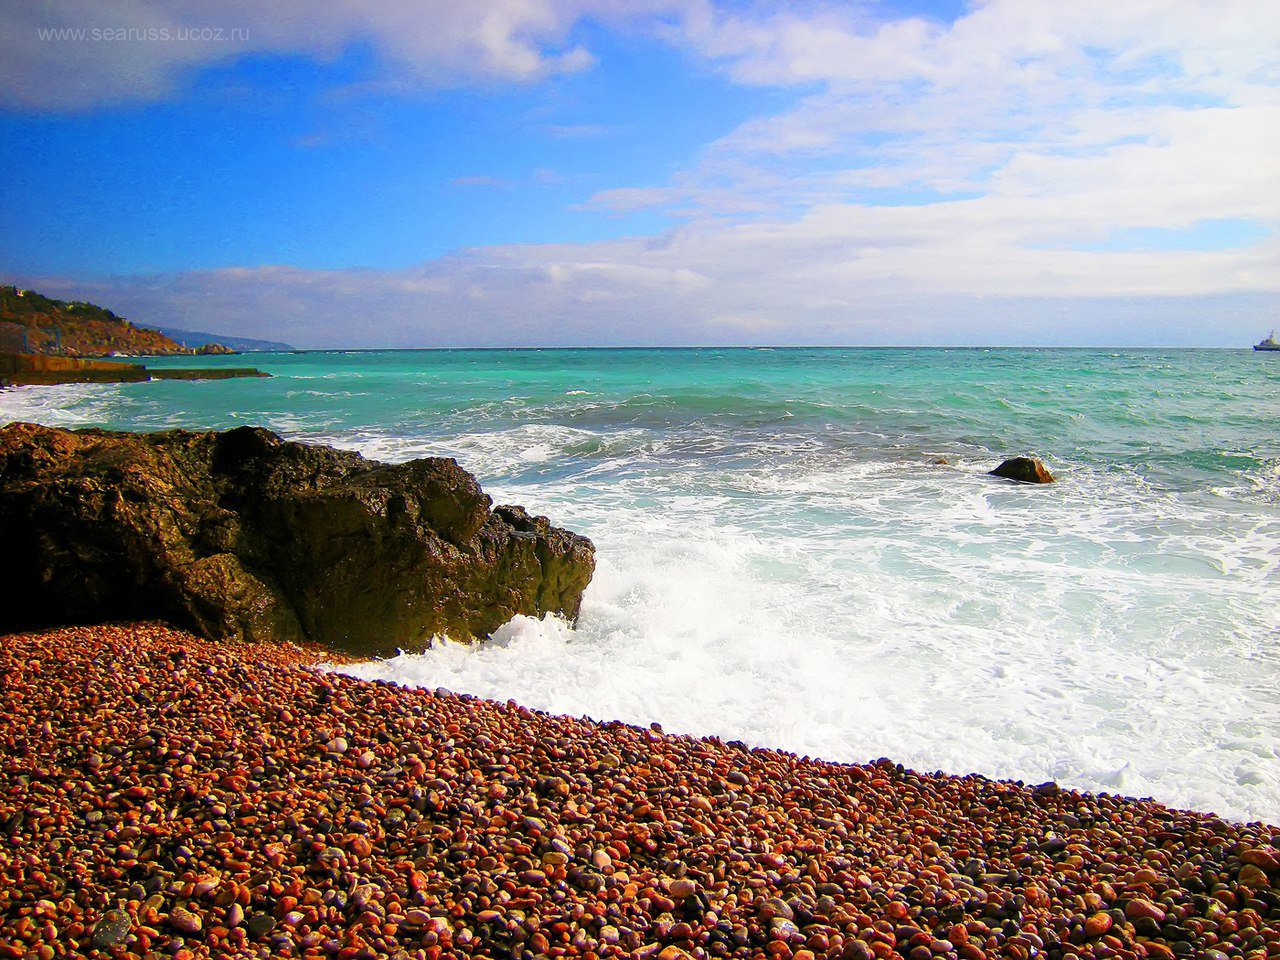 байкальским музеем пляжи фороса фото с описанием прекрасна завидую